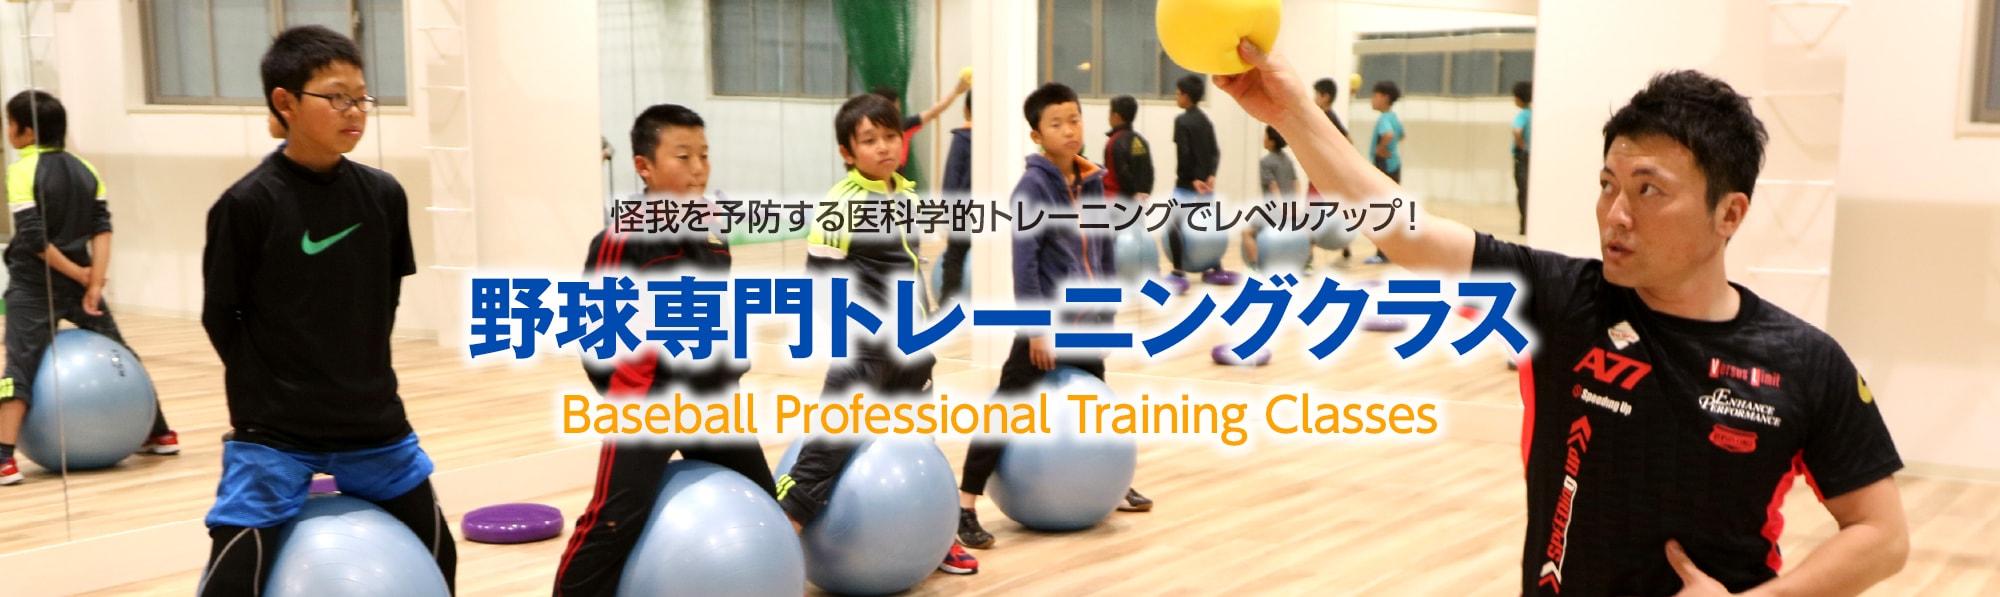 富山にあるスポーツ&コンディショニングセンター「POSS.」